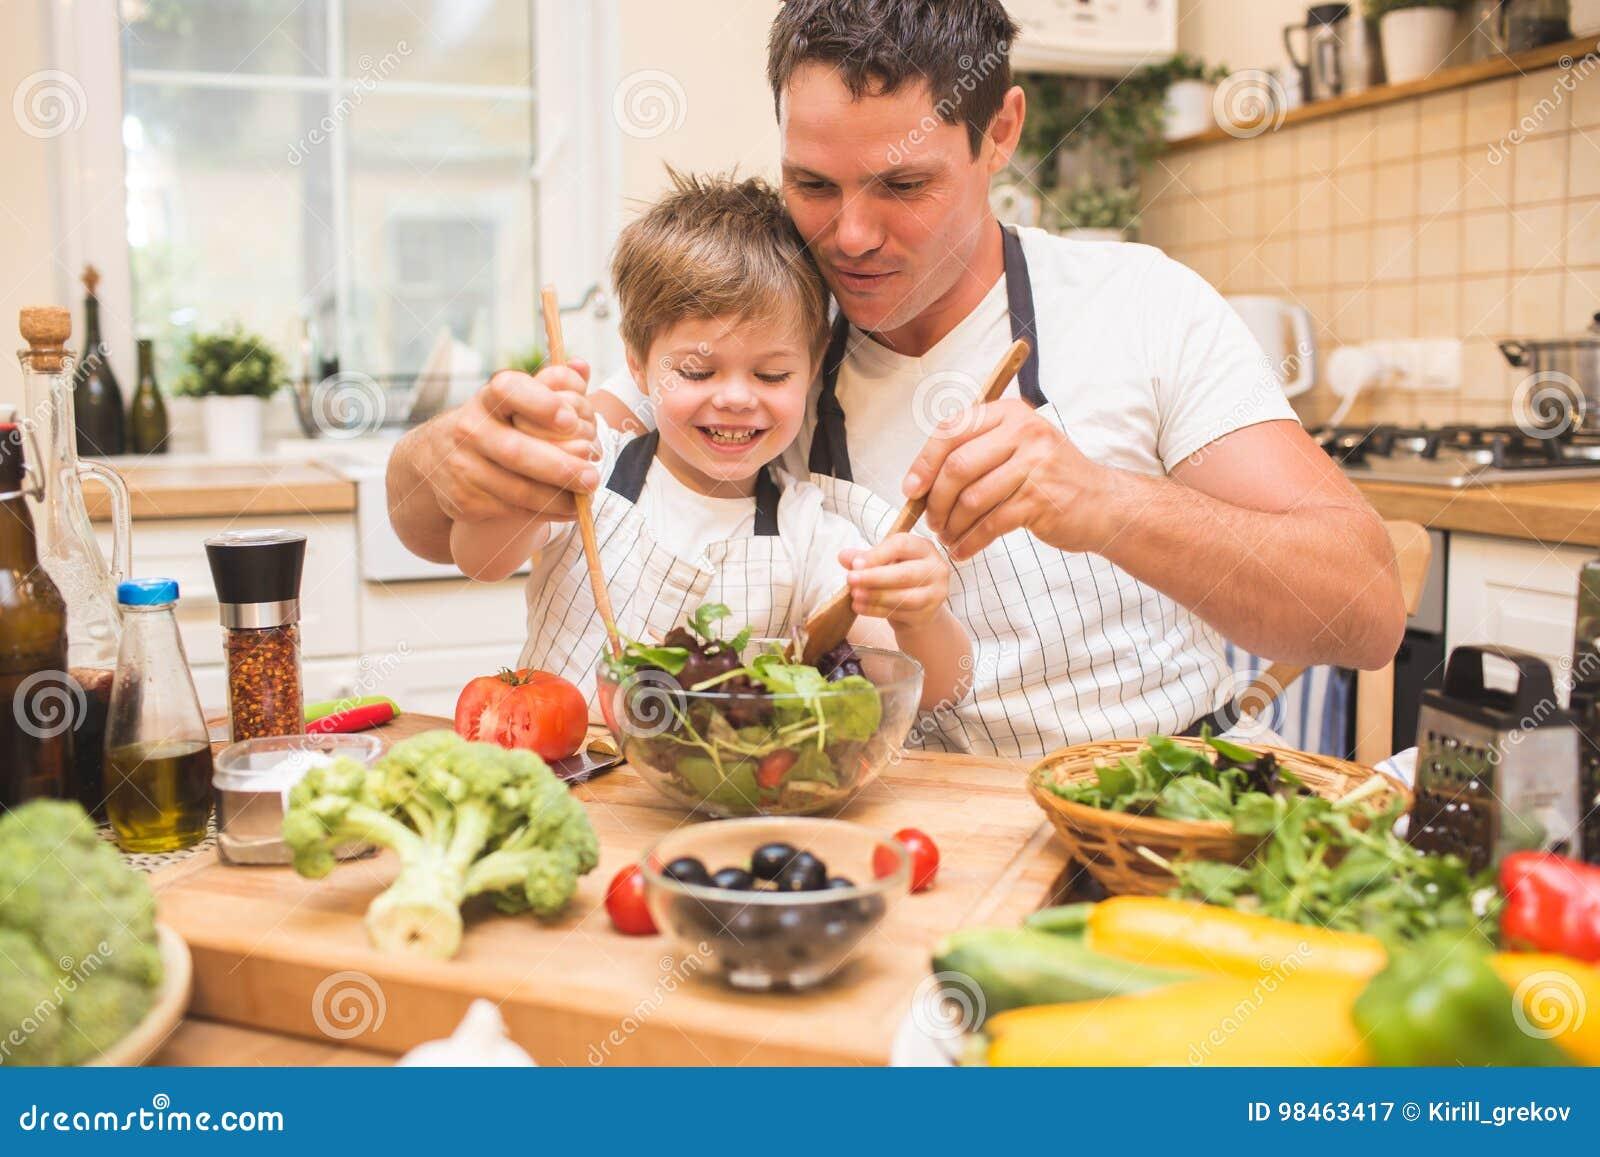 烹调在有小儿子的厨房的厨师人